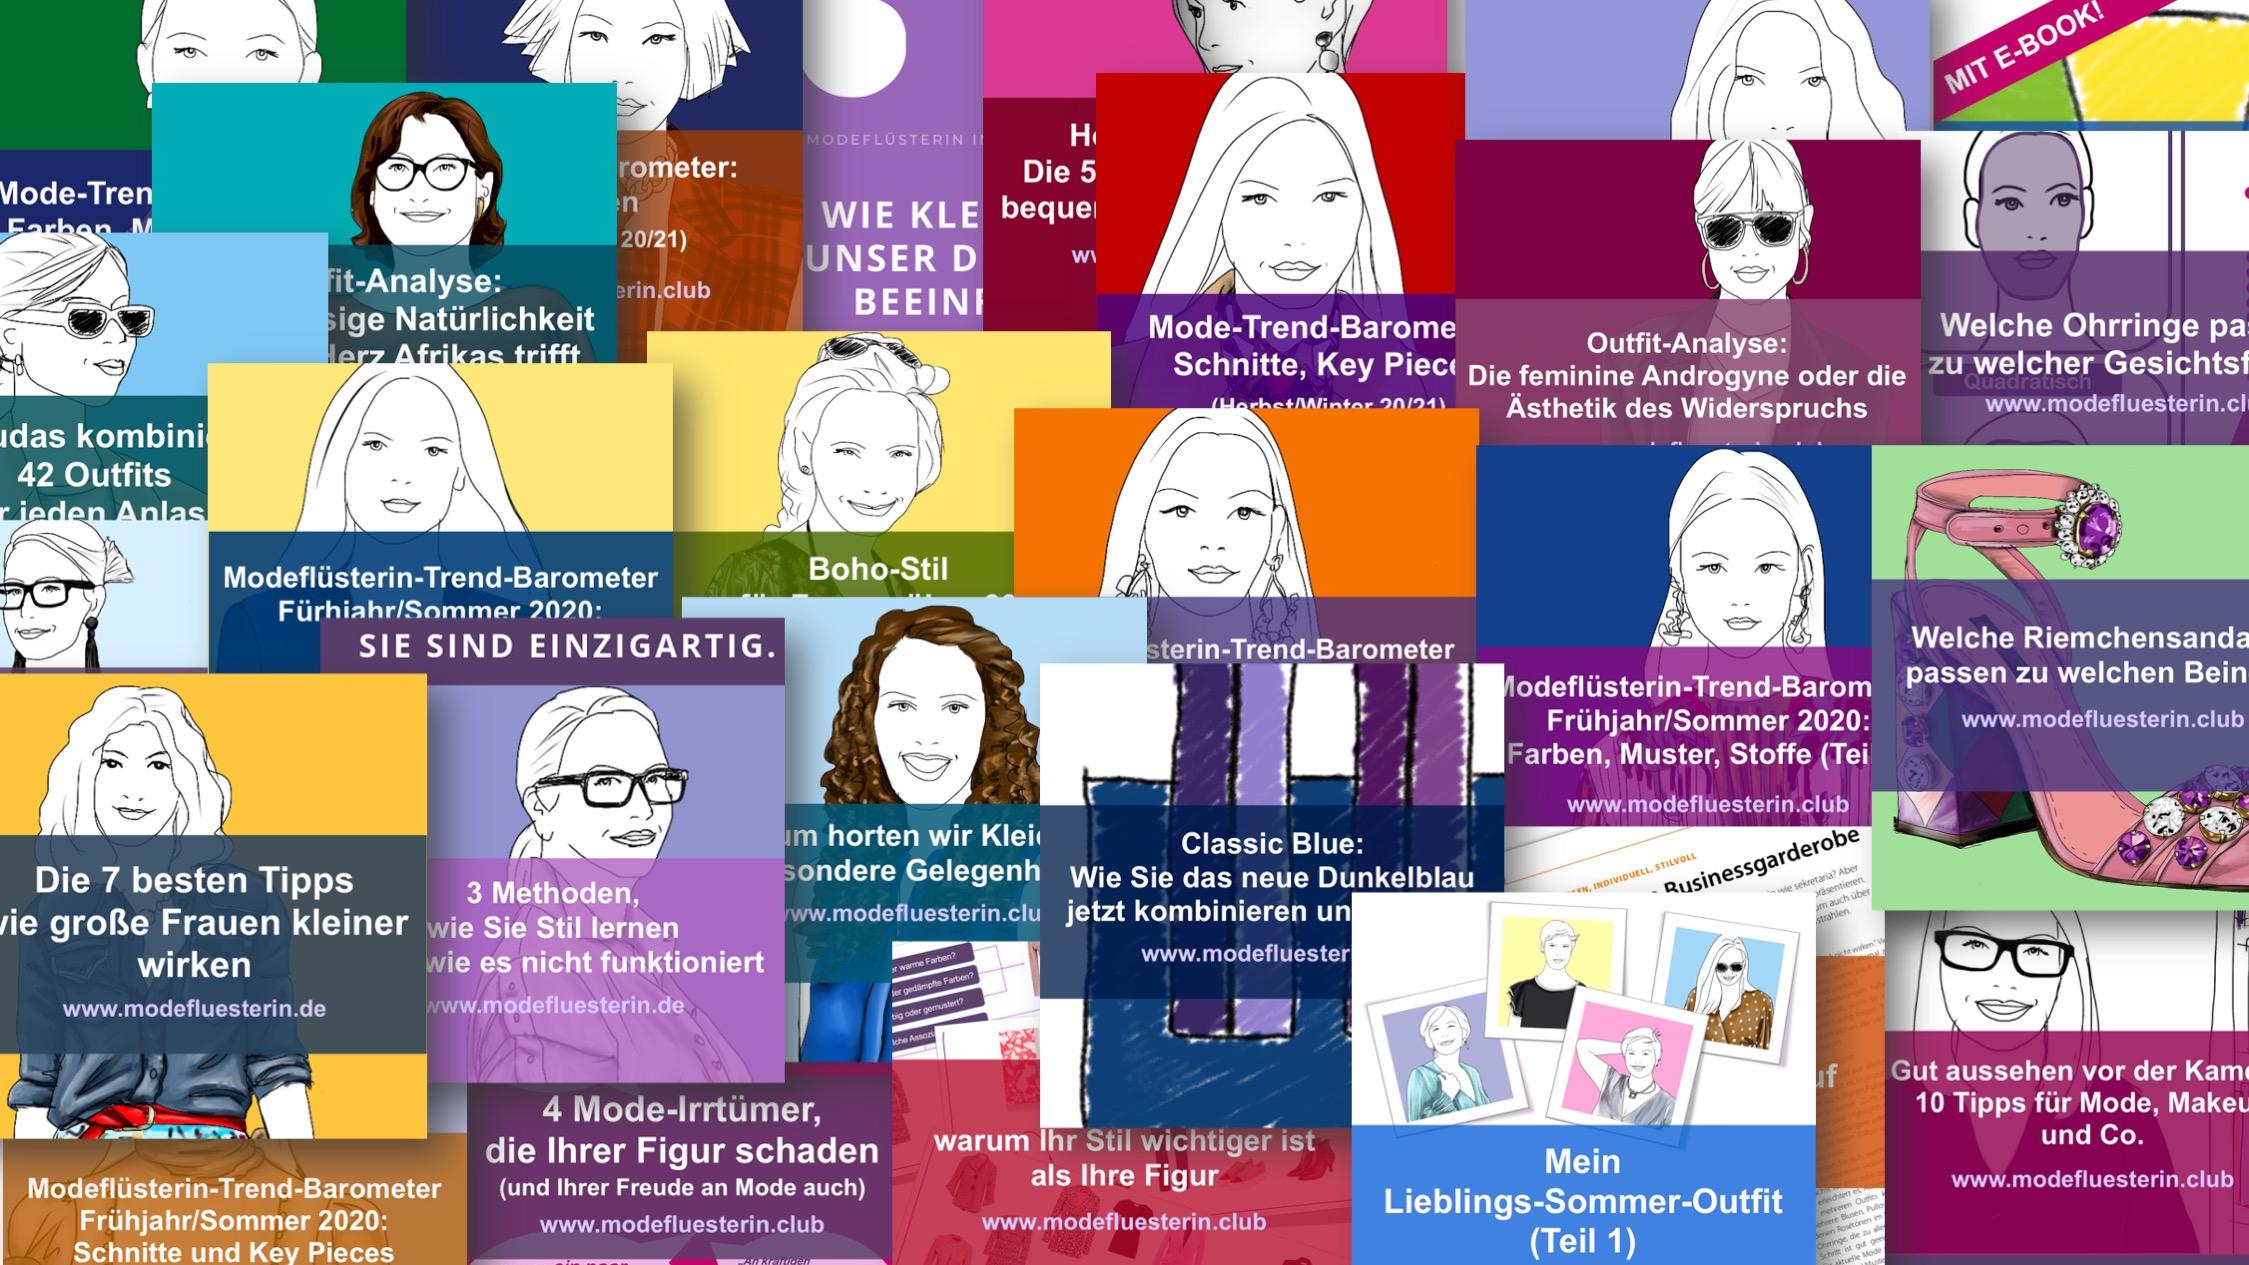 Modeflüsterin - der Fashionblog für starke Frauen über 40, 50 und 60 - Blogbeiträge der Modeflüsterin zu unterschiedlichen Themen rund um Mode und Stil für Frauen über 40, 50 und 60